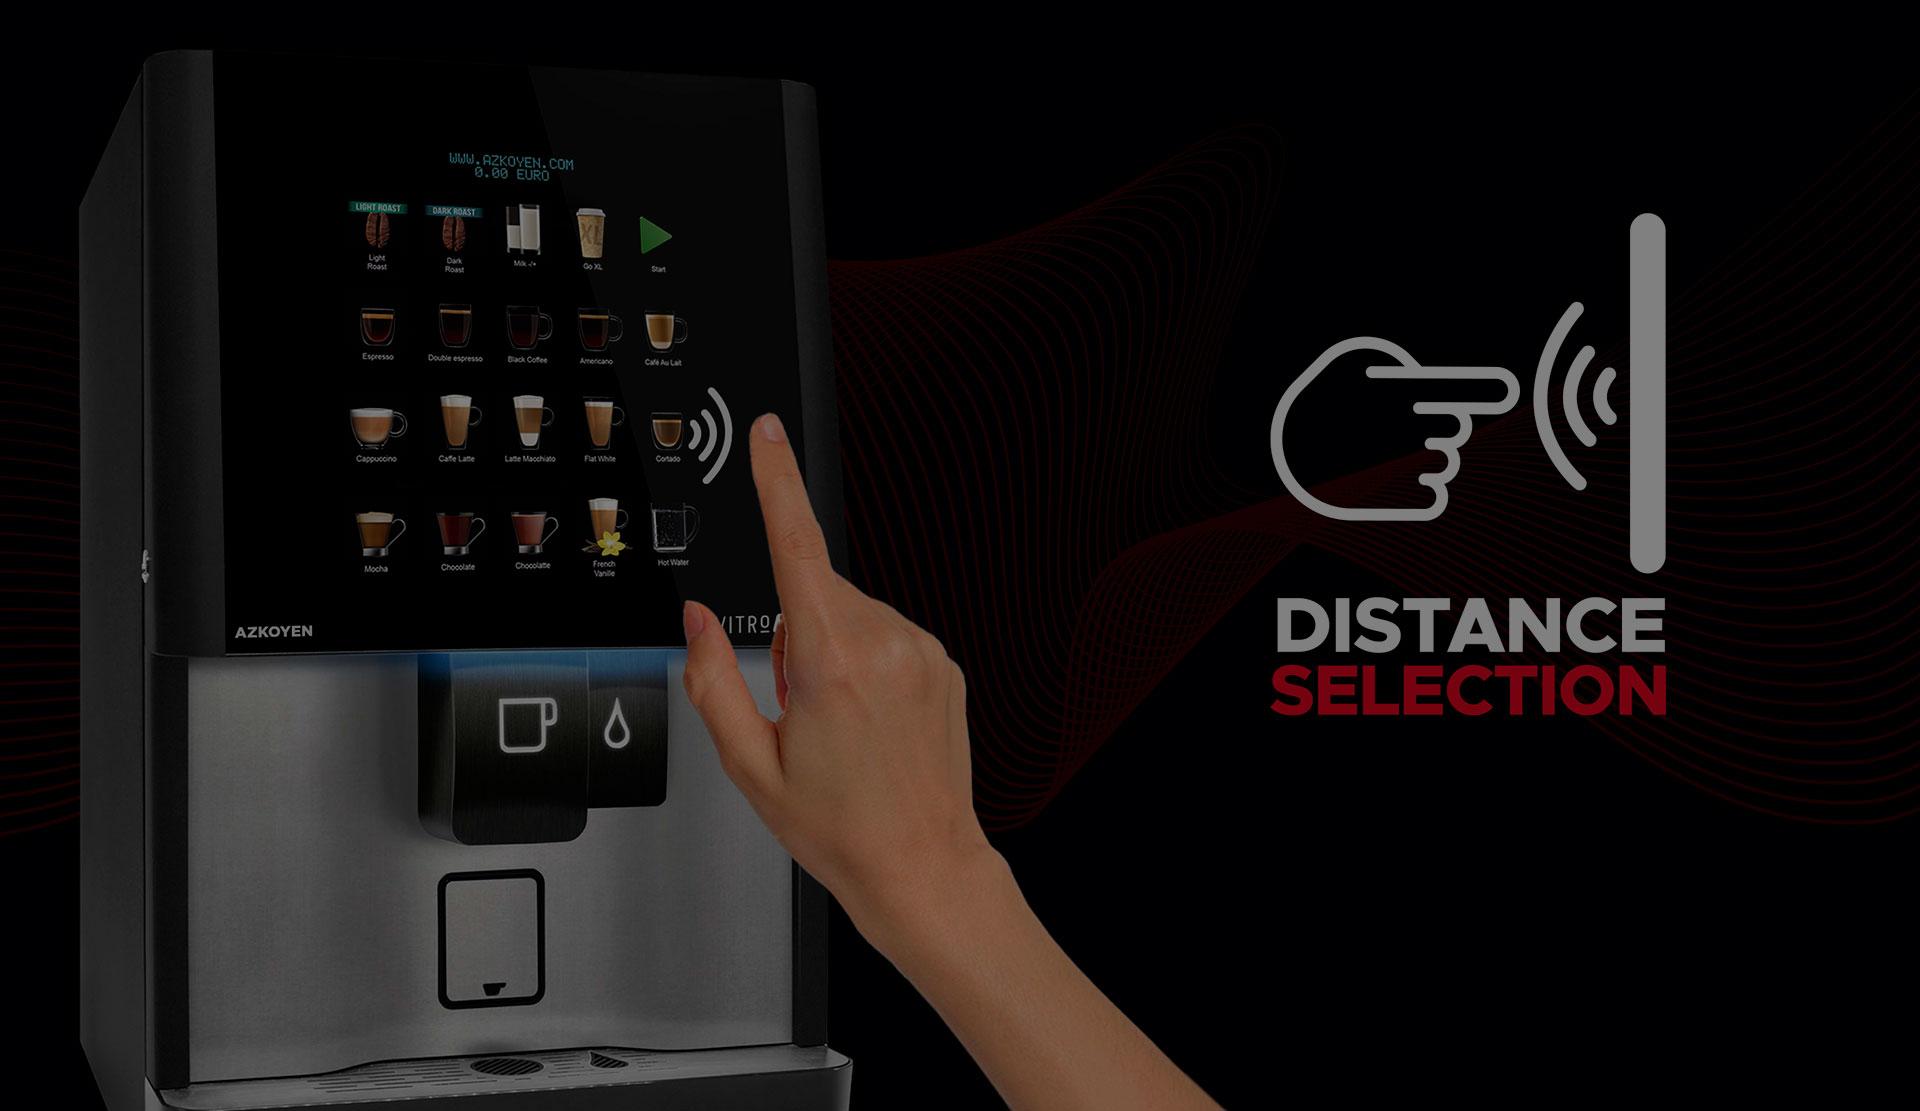 Azkoyen a déposé un brevet pour la technologie Distance Selection, qui permet de sélectionner les produits des distributeurs automatiques sans toucher les surfaces